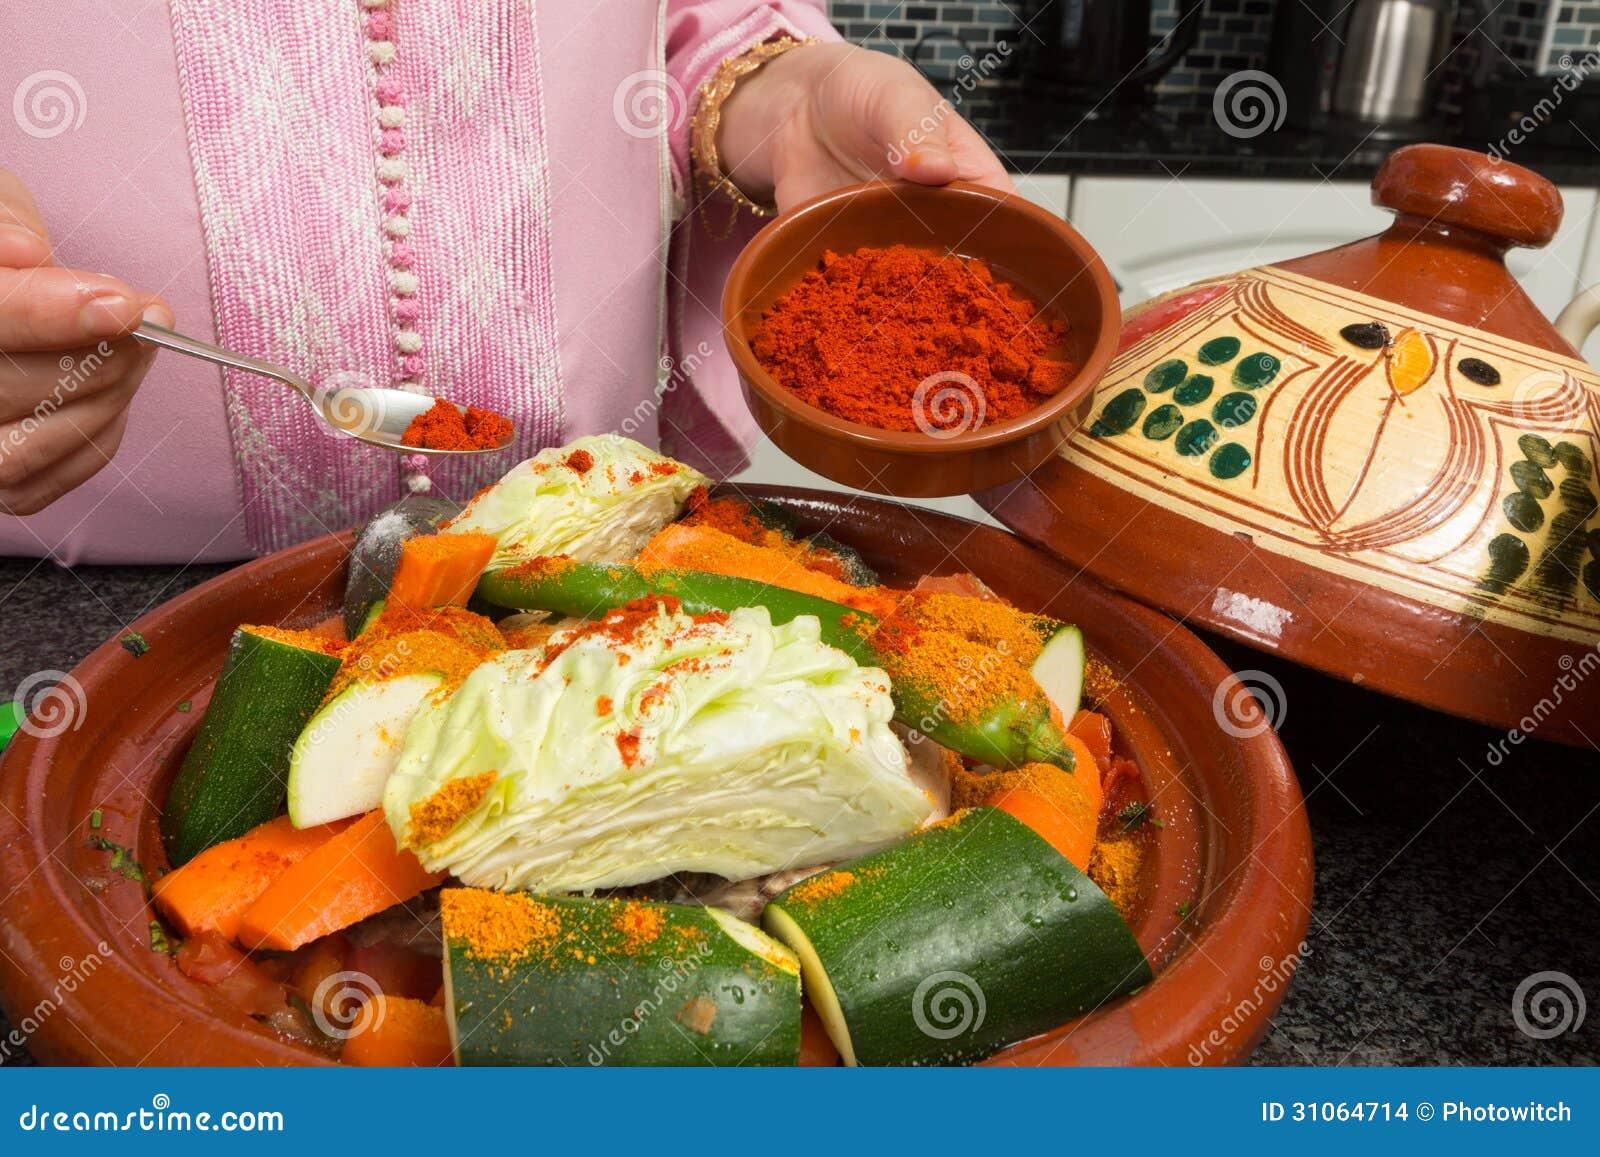 Comida marroquí picante